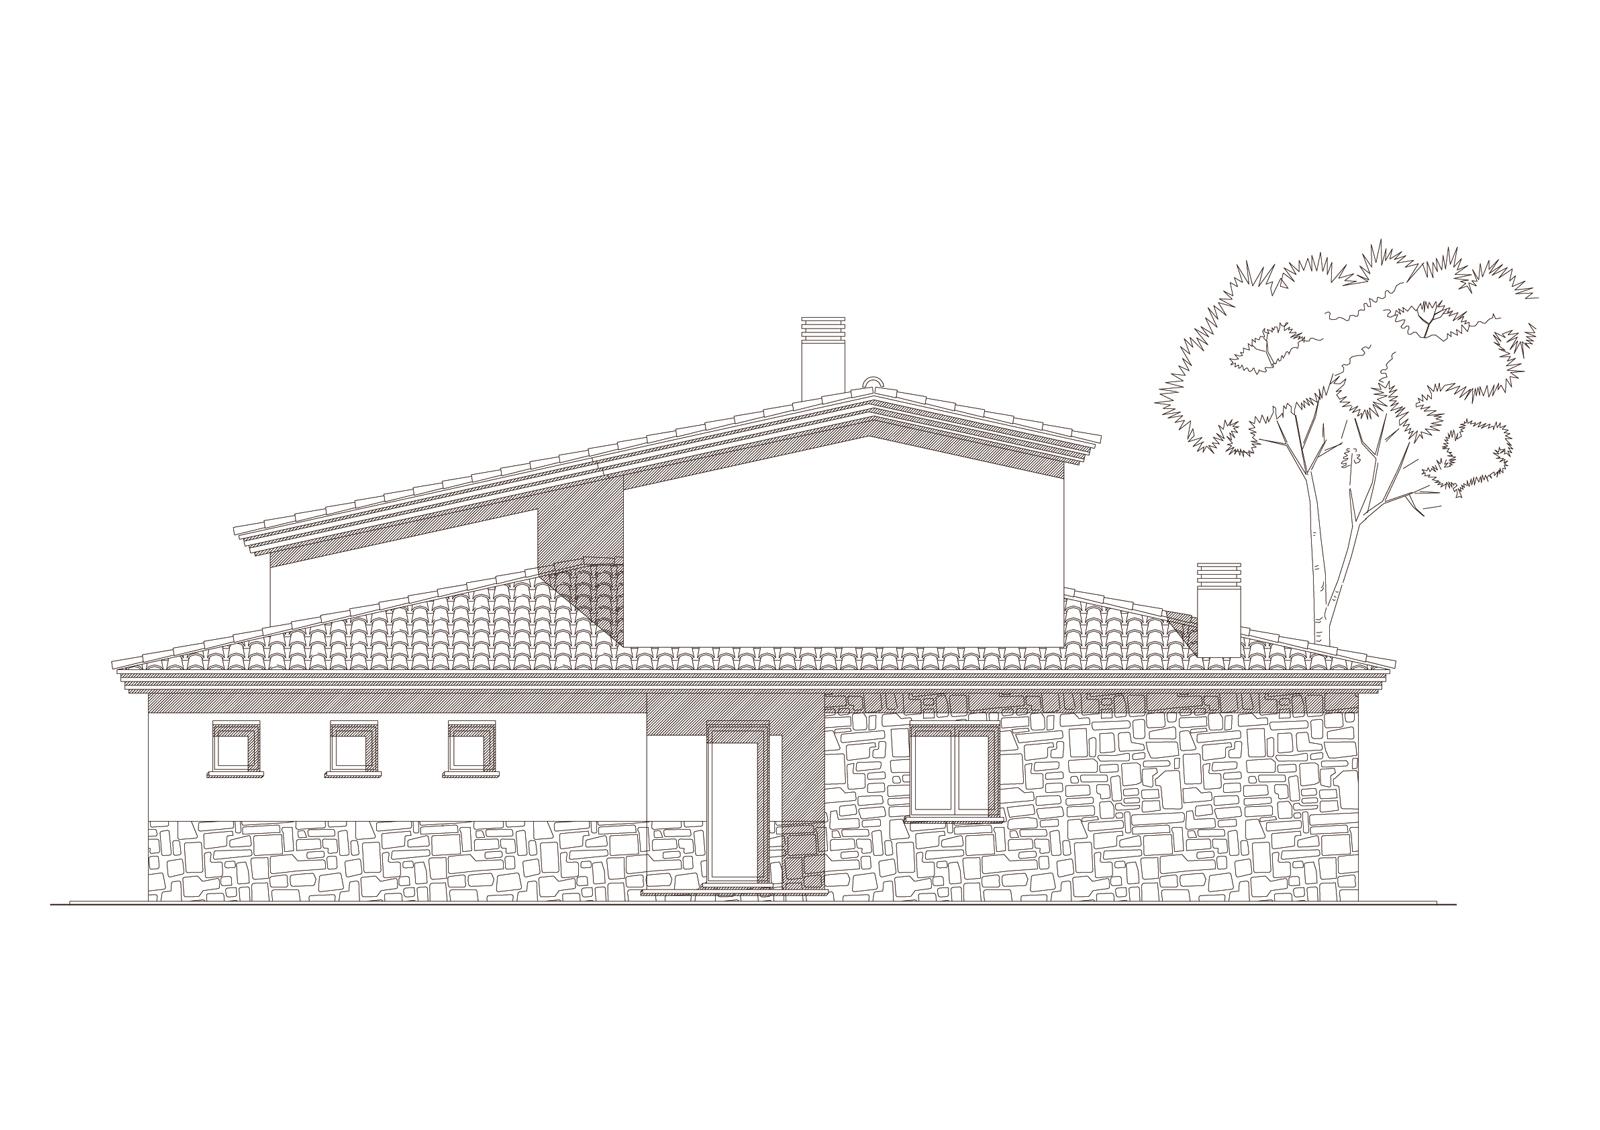 Alçat nord. Projecte d'obra nova: 1998 Habitatge unifamiliar aïllat